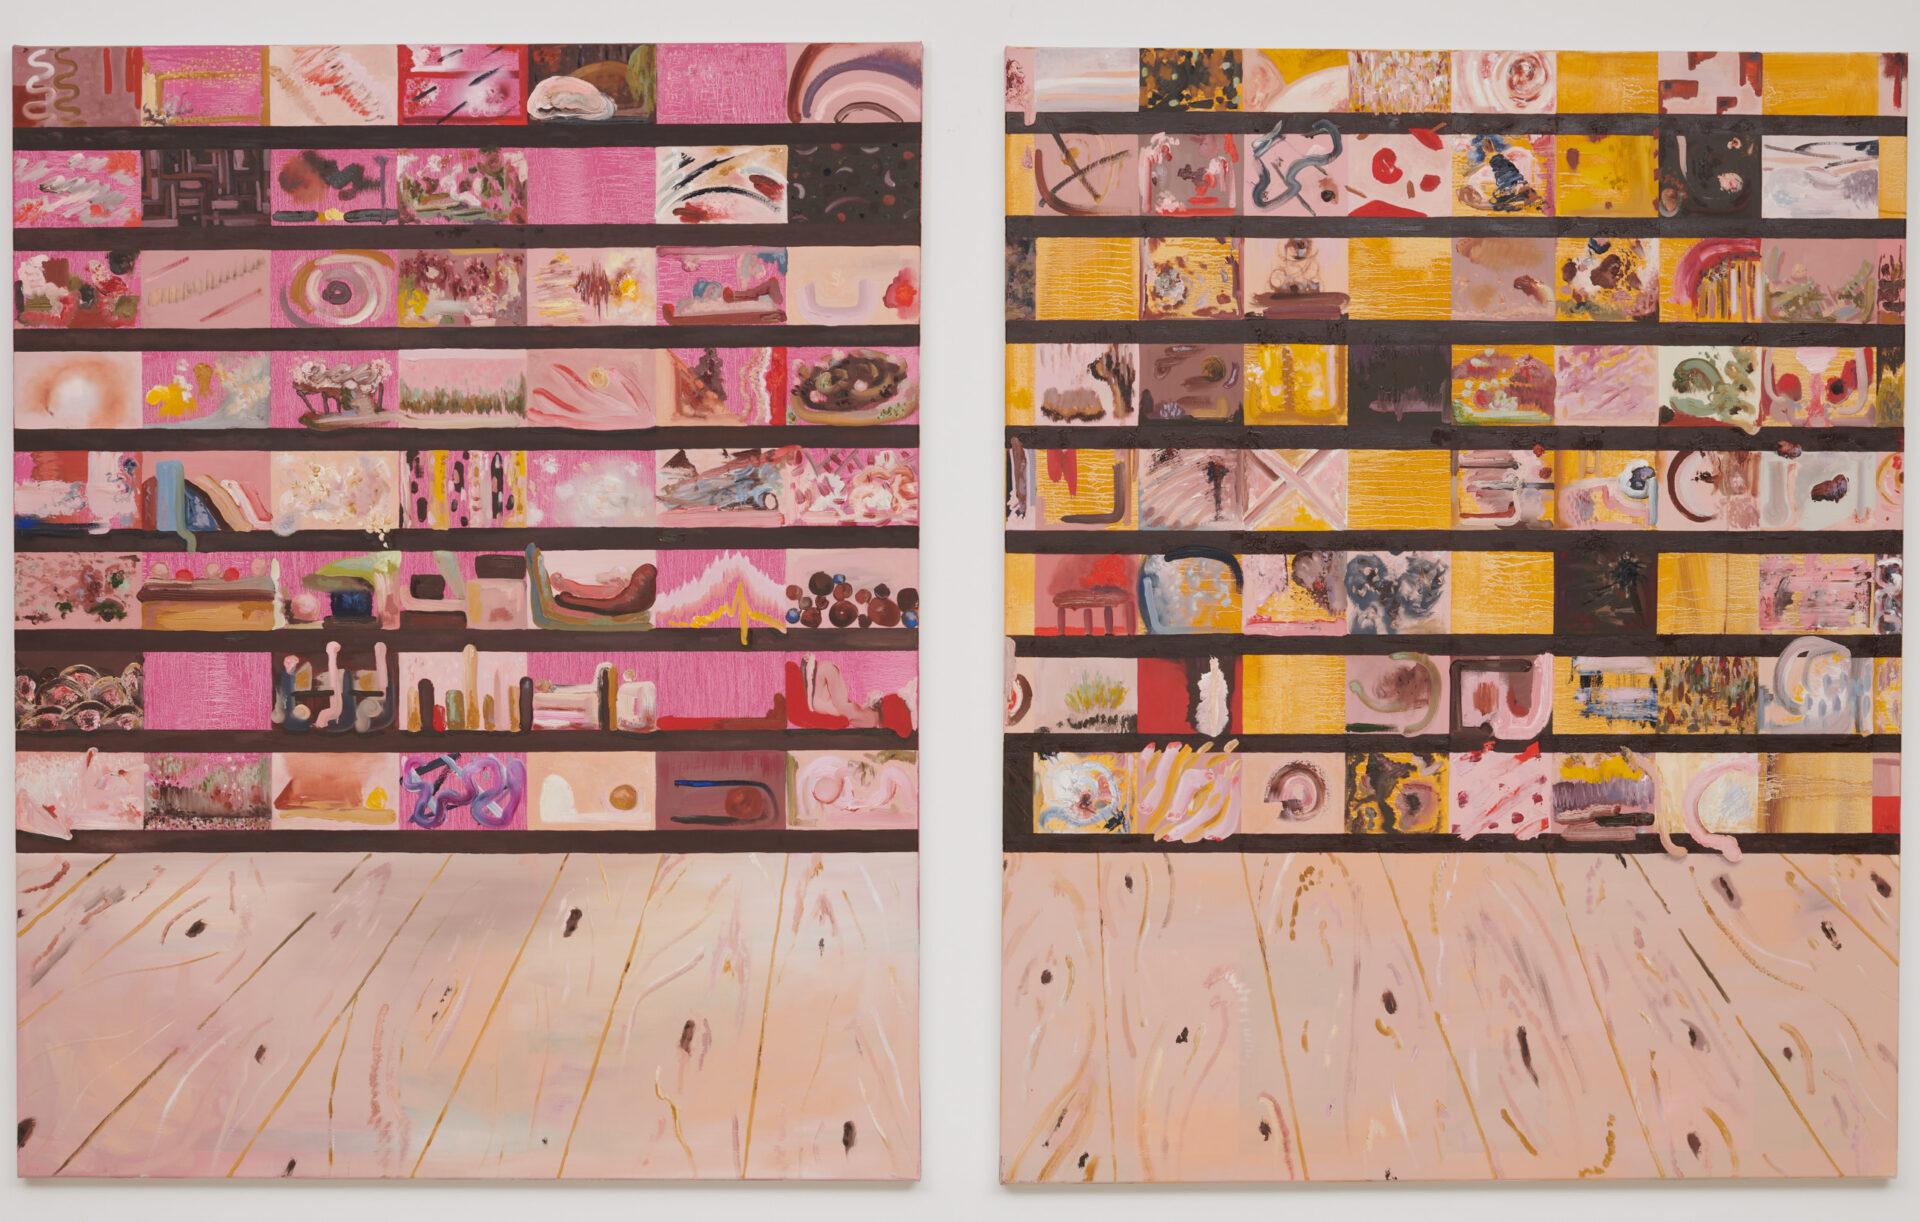 Paint Shelves